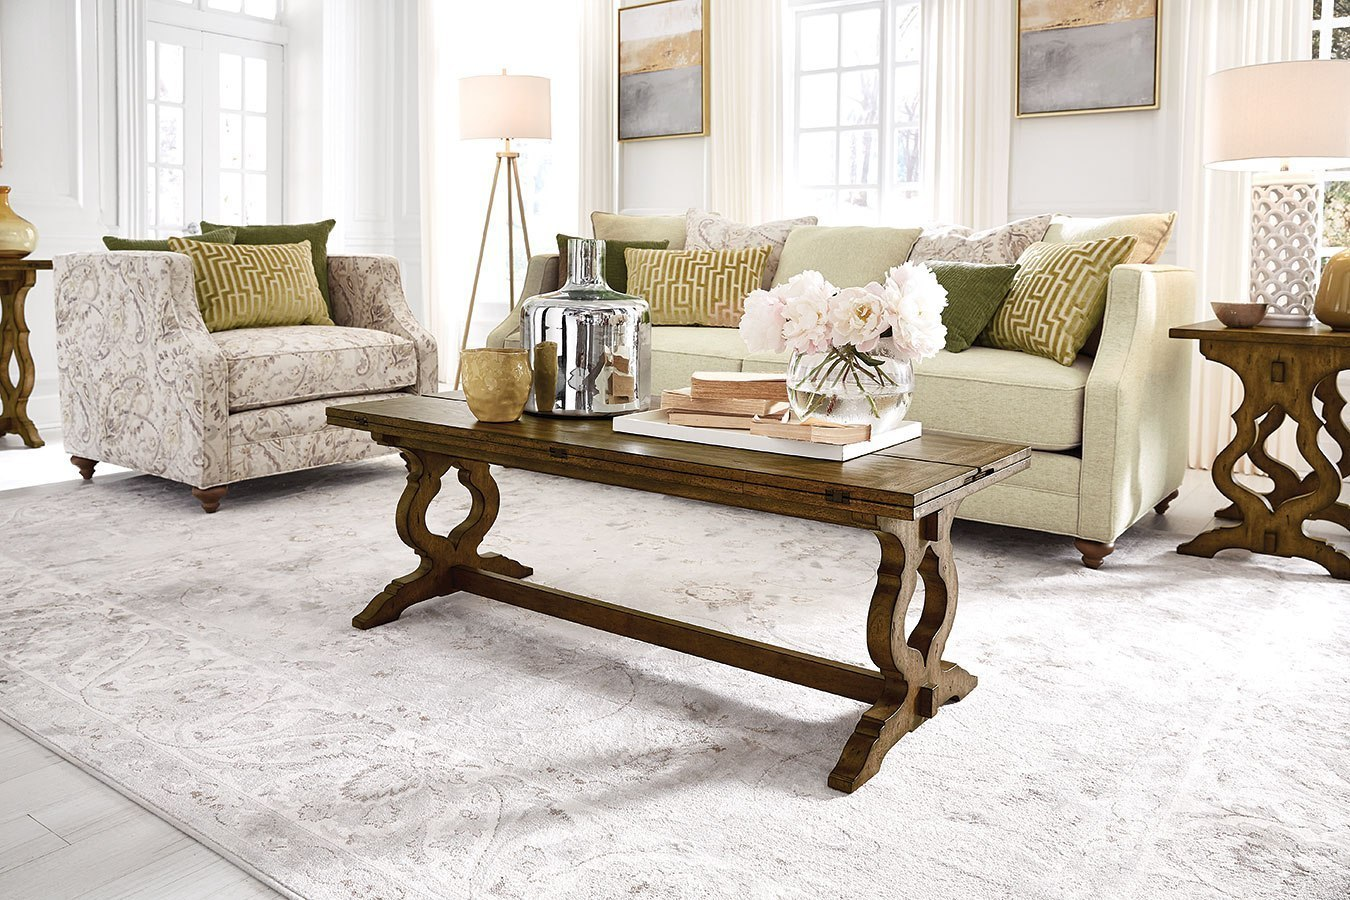 ashland flip top cocktail table by magnussen furniturepick. Black Bedroom Furniture Sets. Home Design Ideas